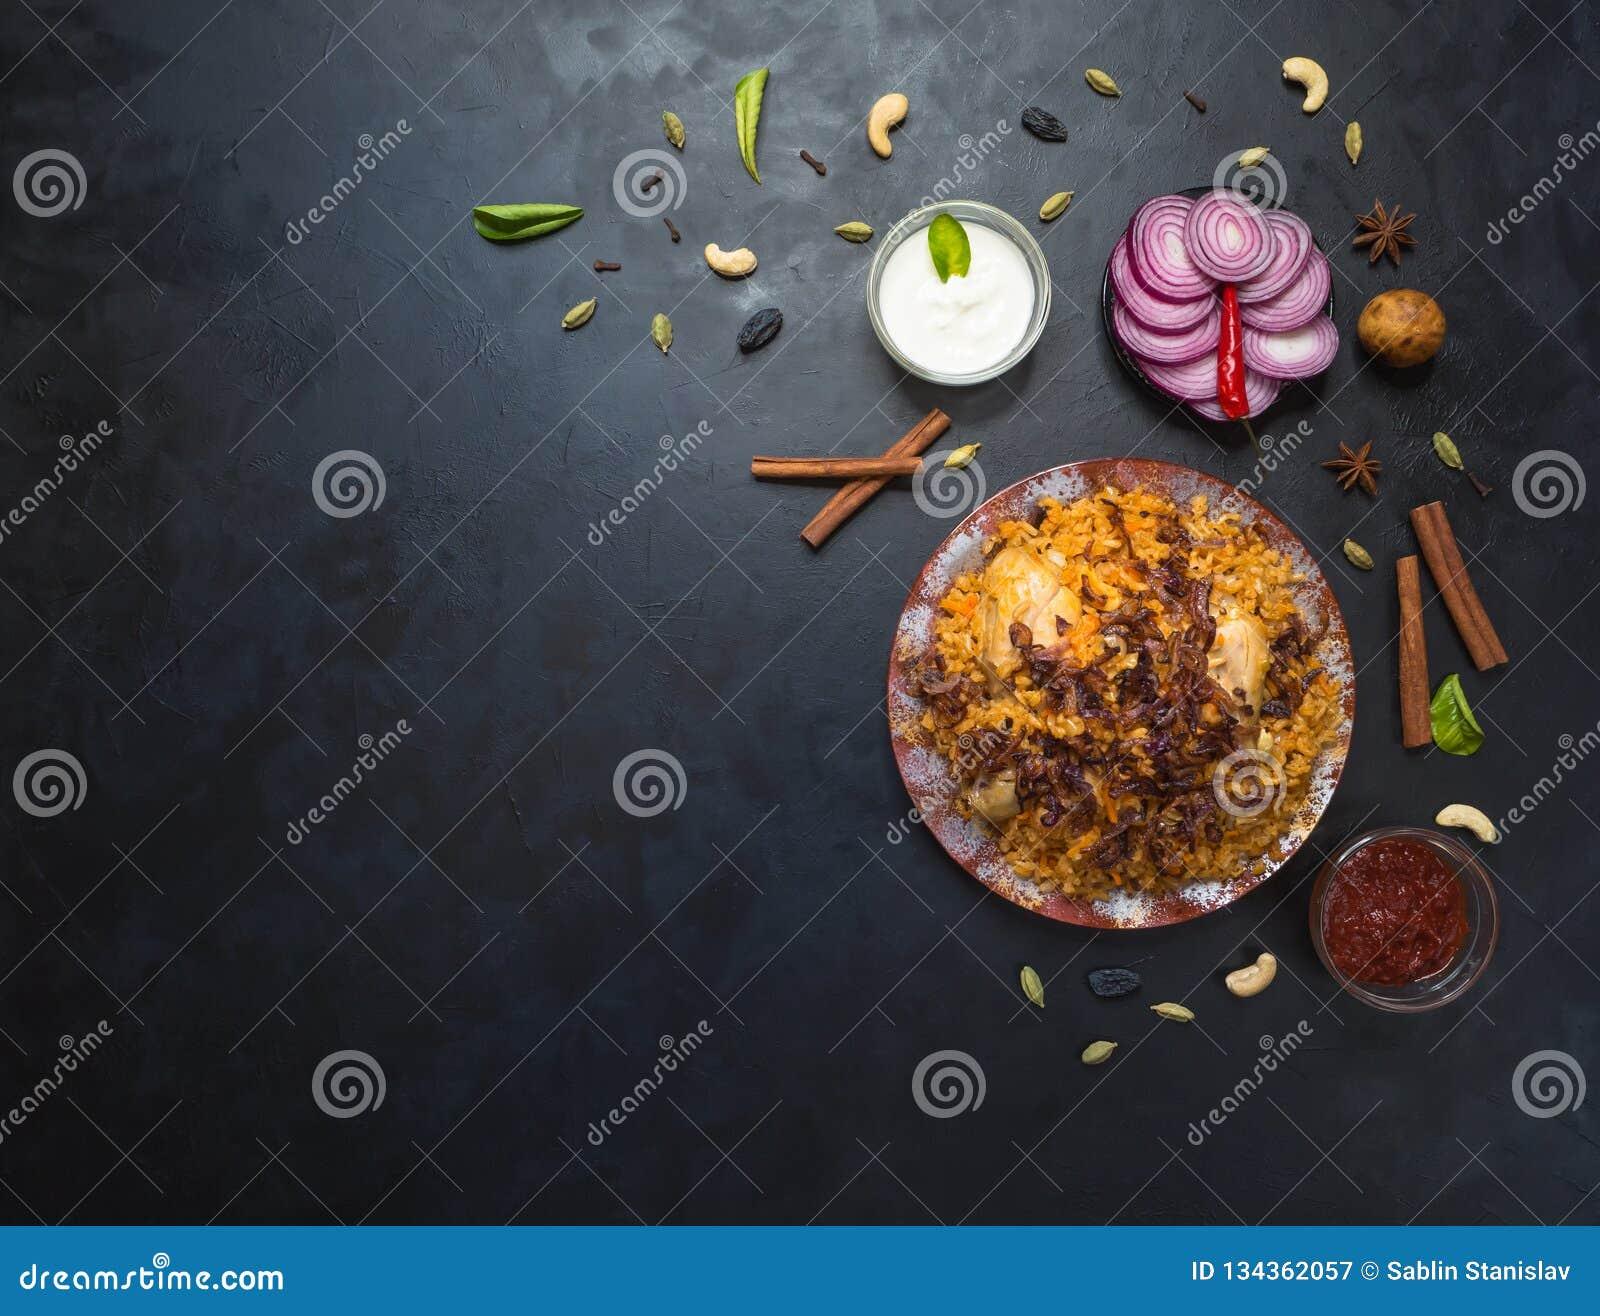 Alimento árabe tradicional: kabsa com galinha em uma placa